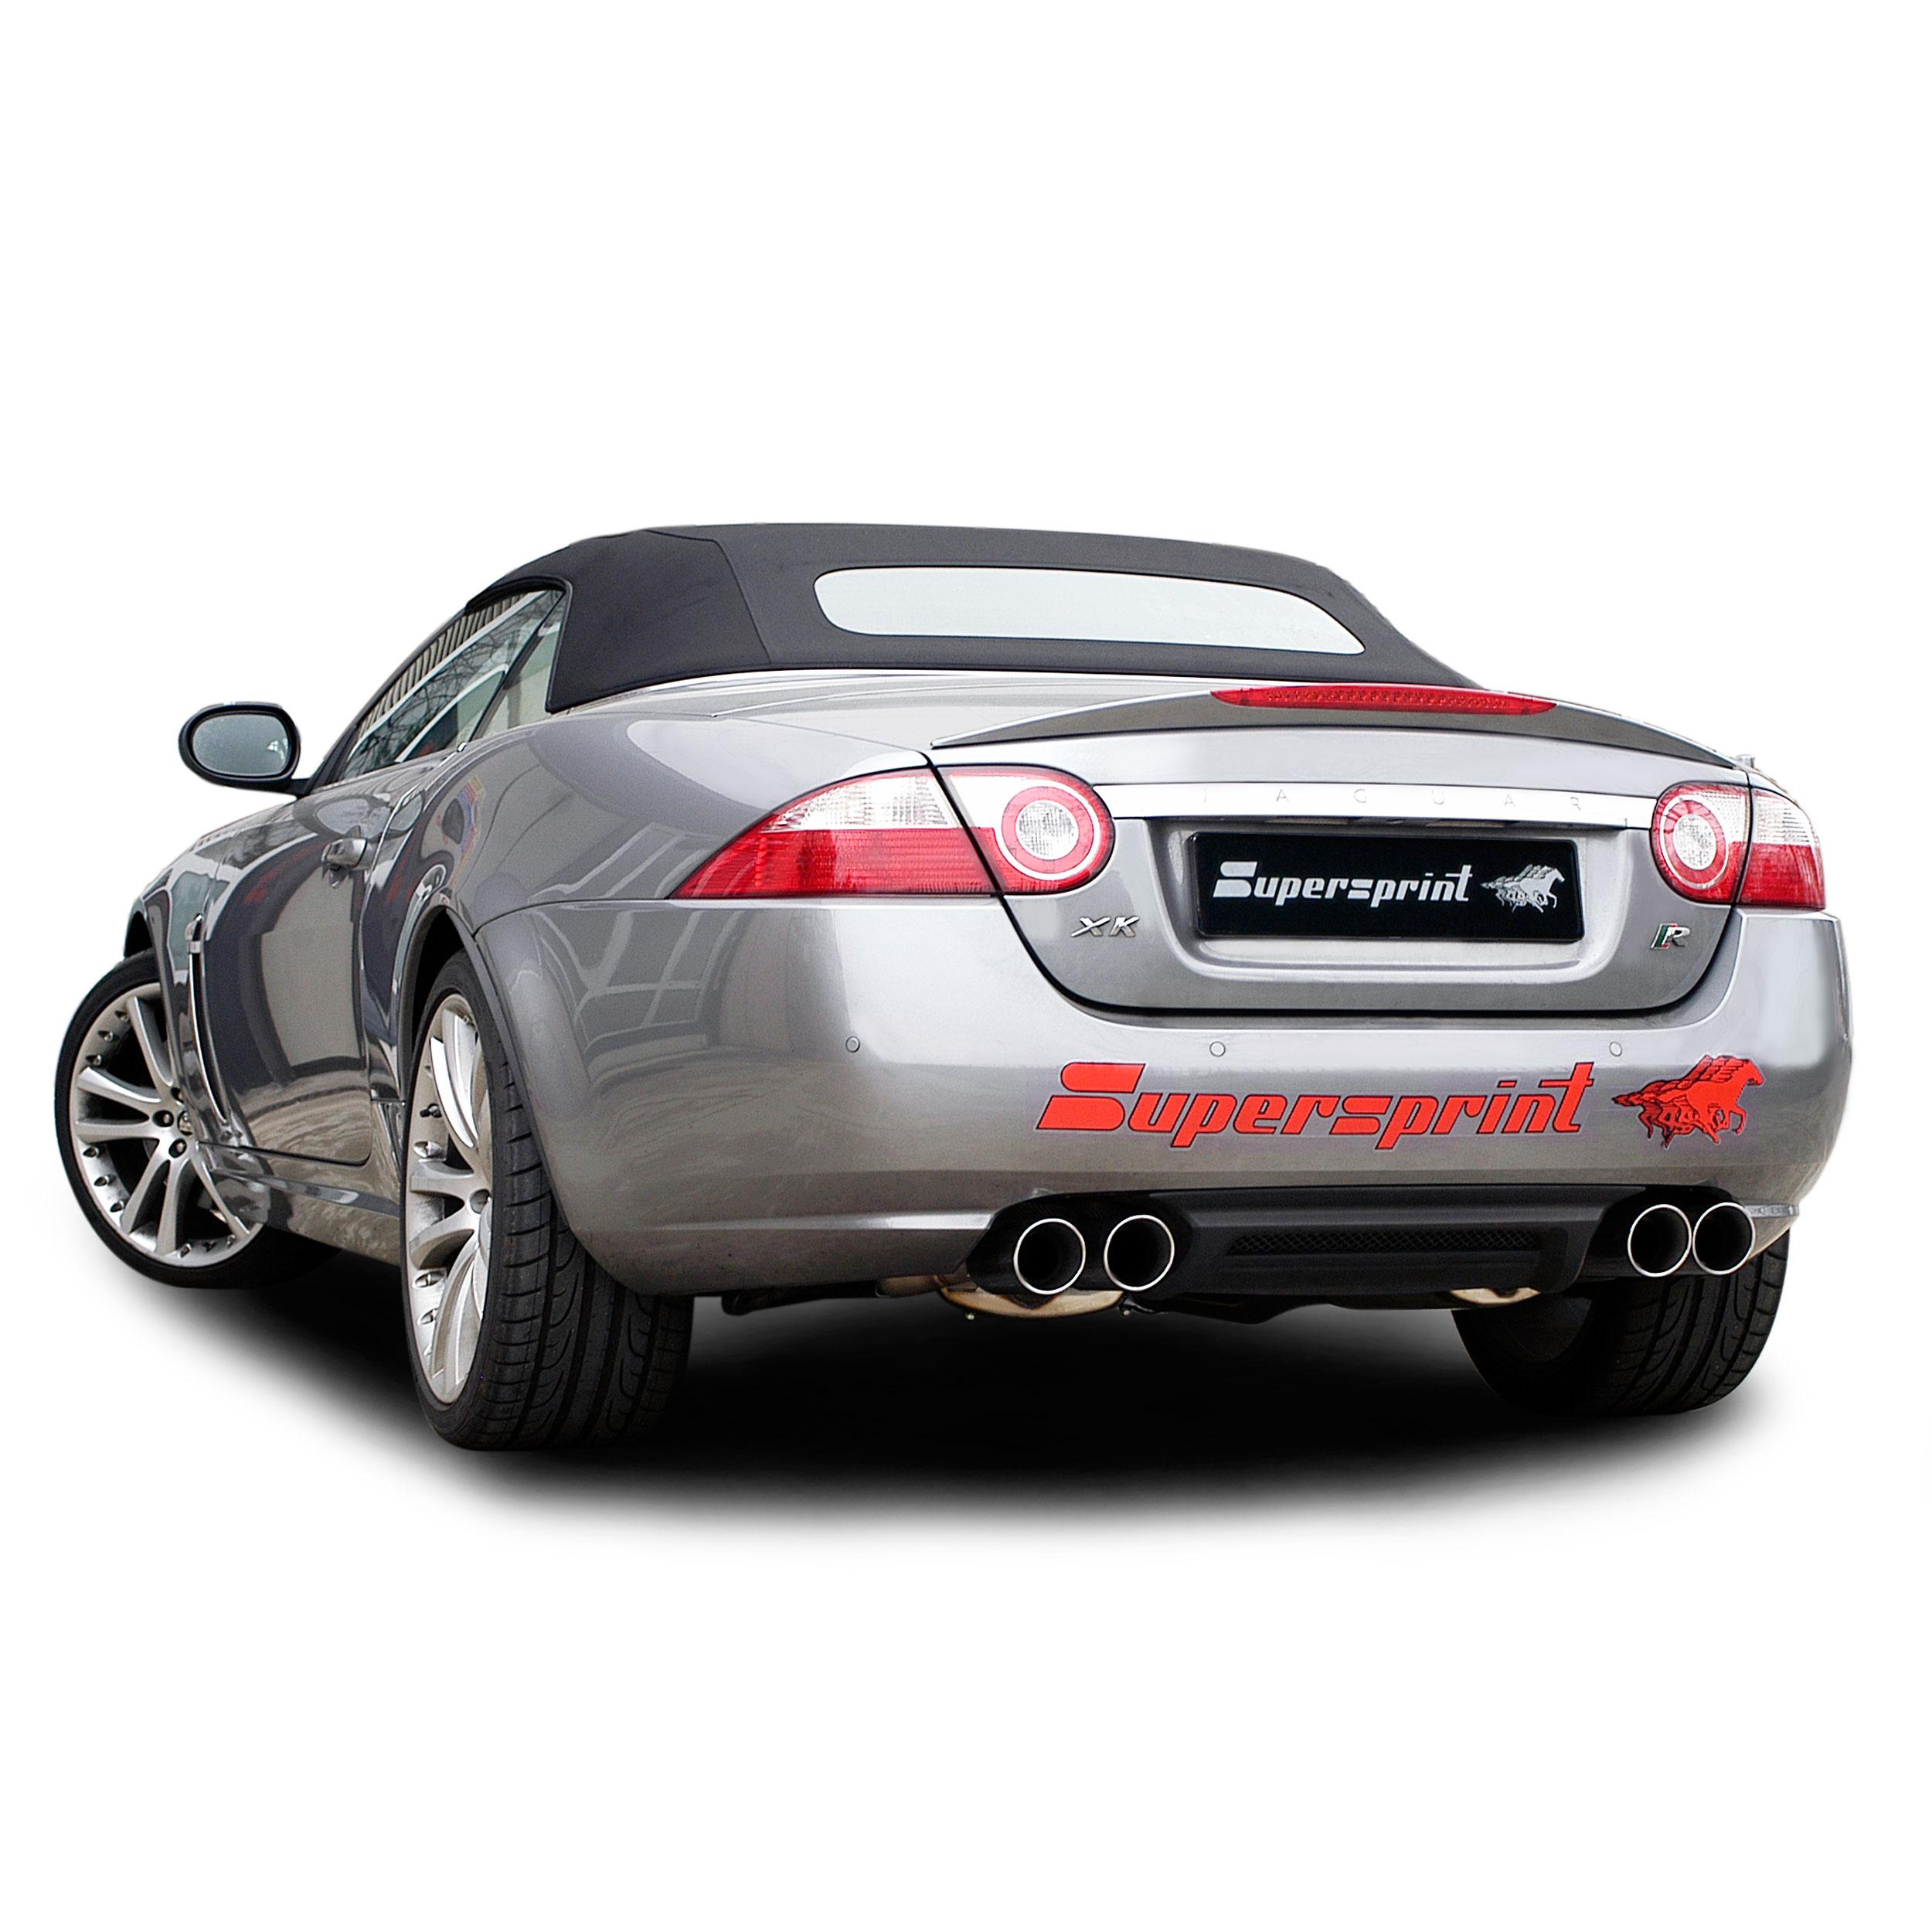 2001 Jaguar Xkr For Sale In Tampa Florida: Jaguar Xkr Cabrio. Jaguar Xkr Cabrio Technical Details